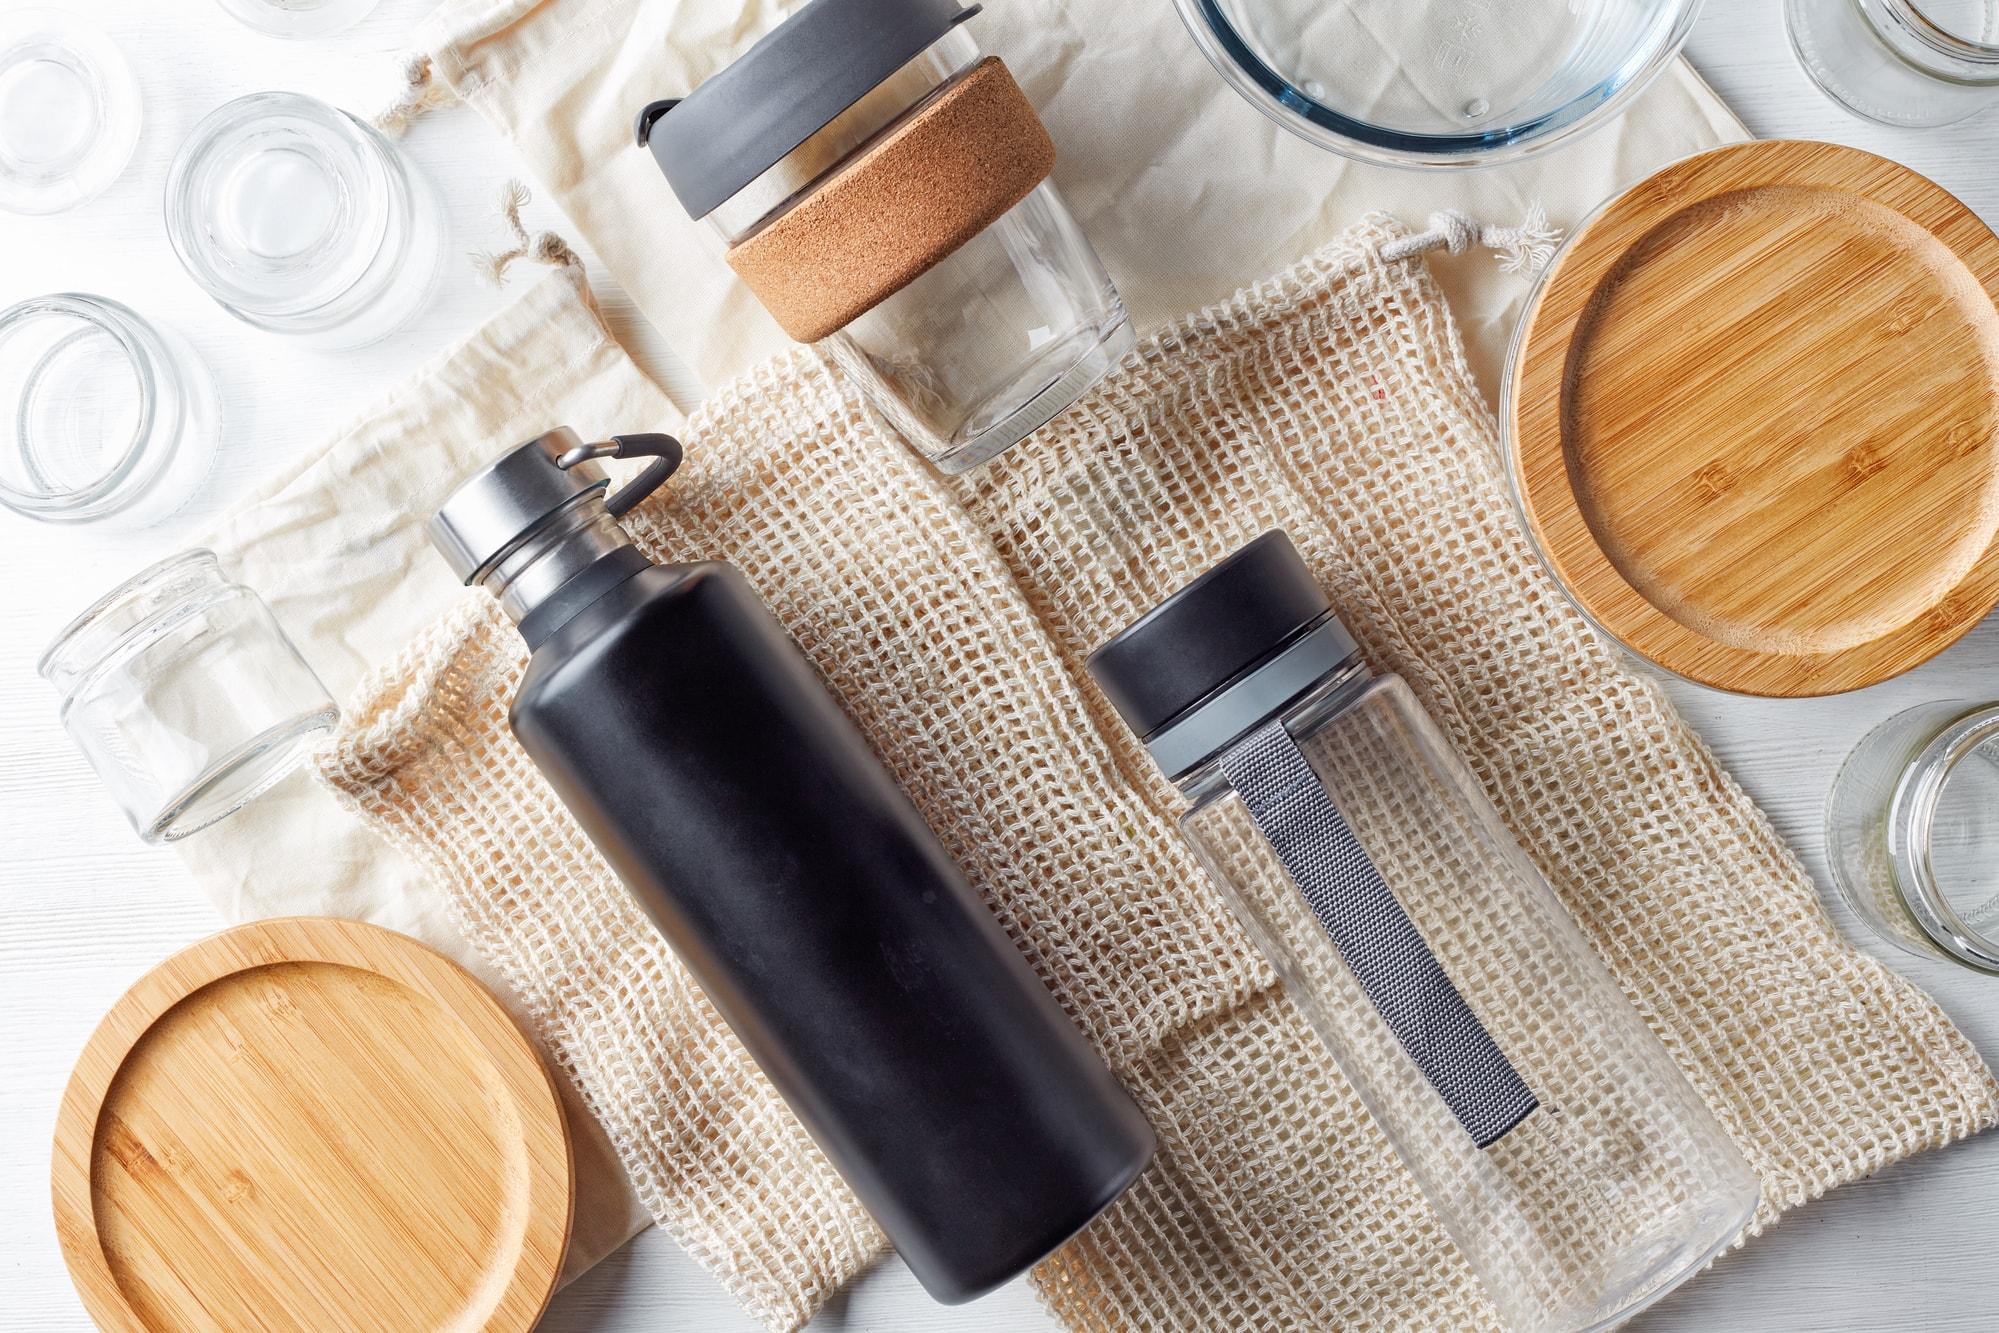 reusable-bottles-cups.jpg